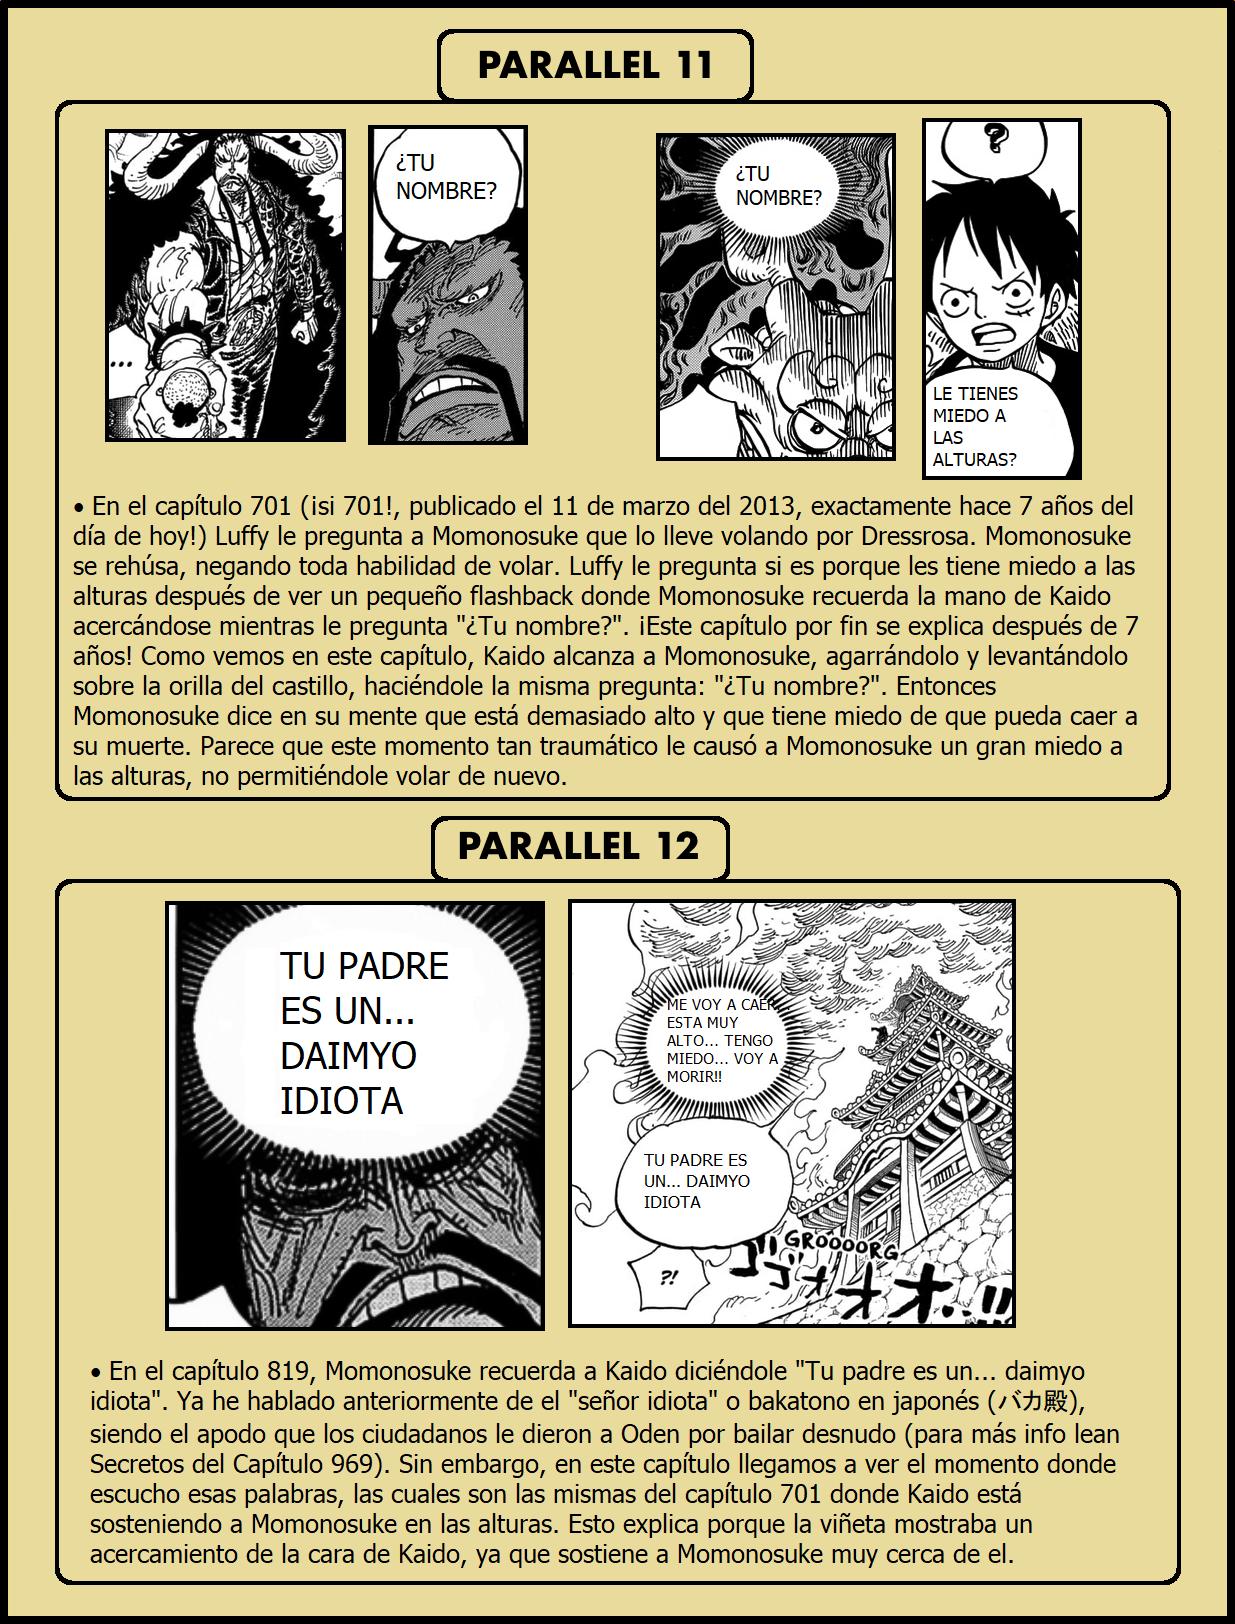 Secretos & Curiosidades - One Piece Manga 973 09